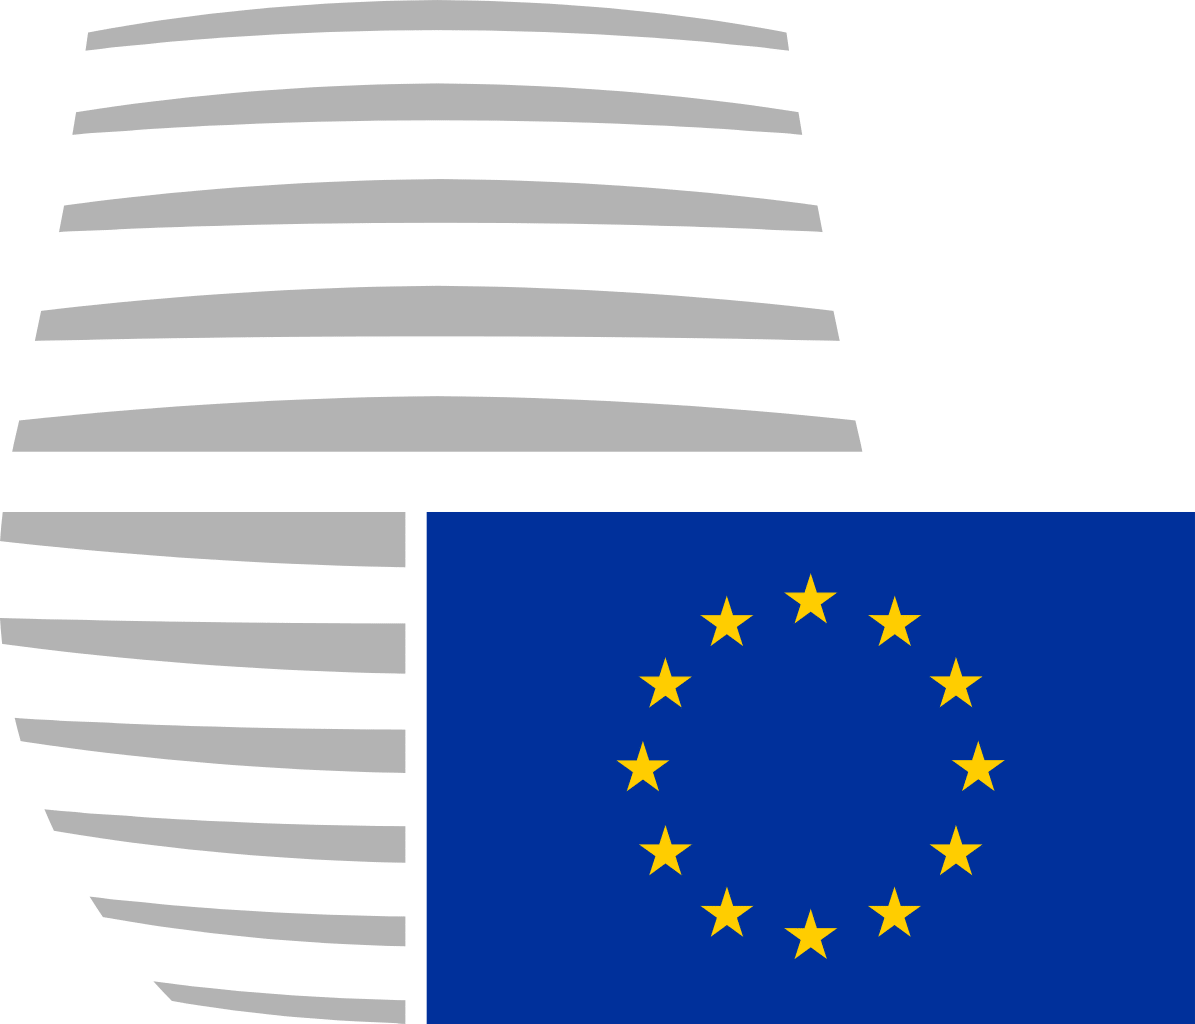 Conseil-europeen-logo